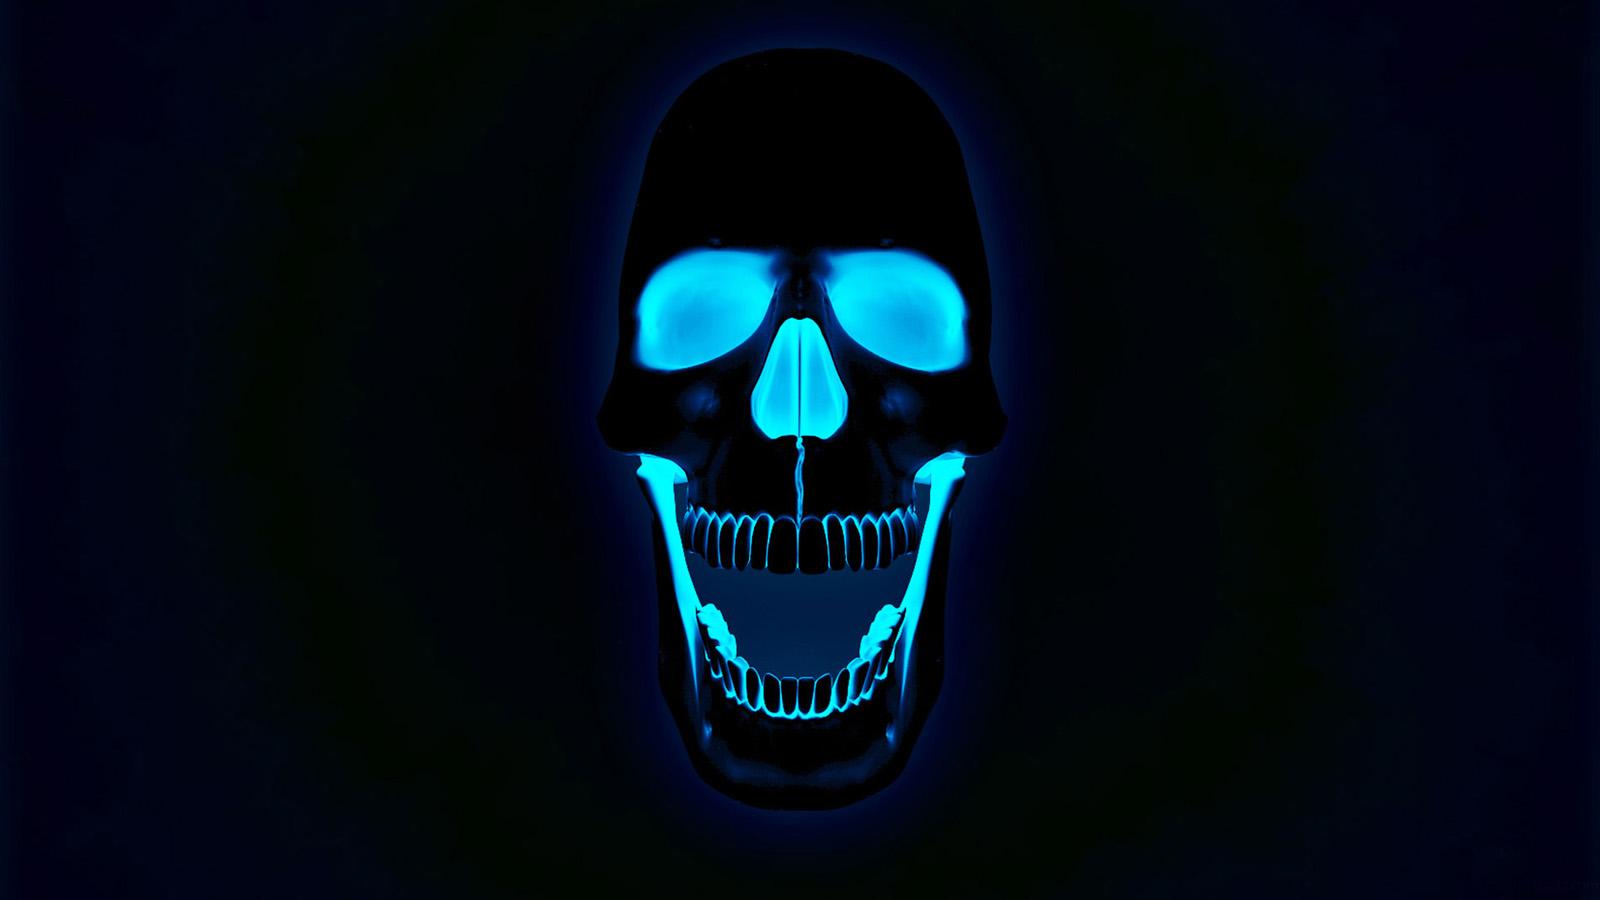 Sugar Skull Desktop Backgrounds for Pinterest 1600x900